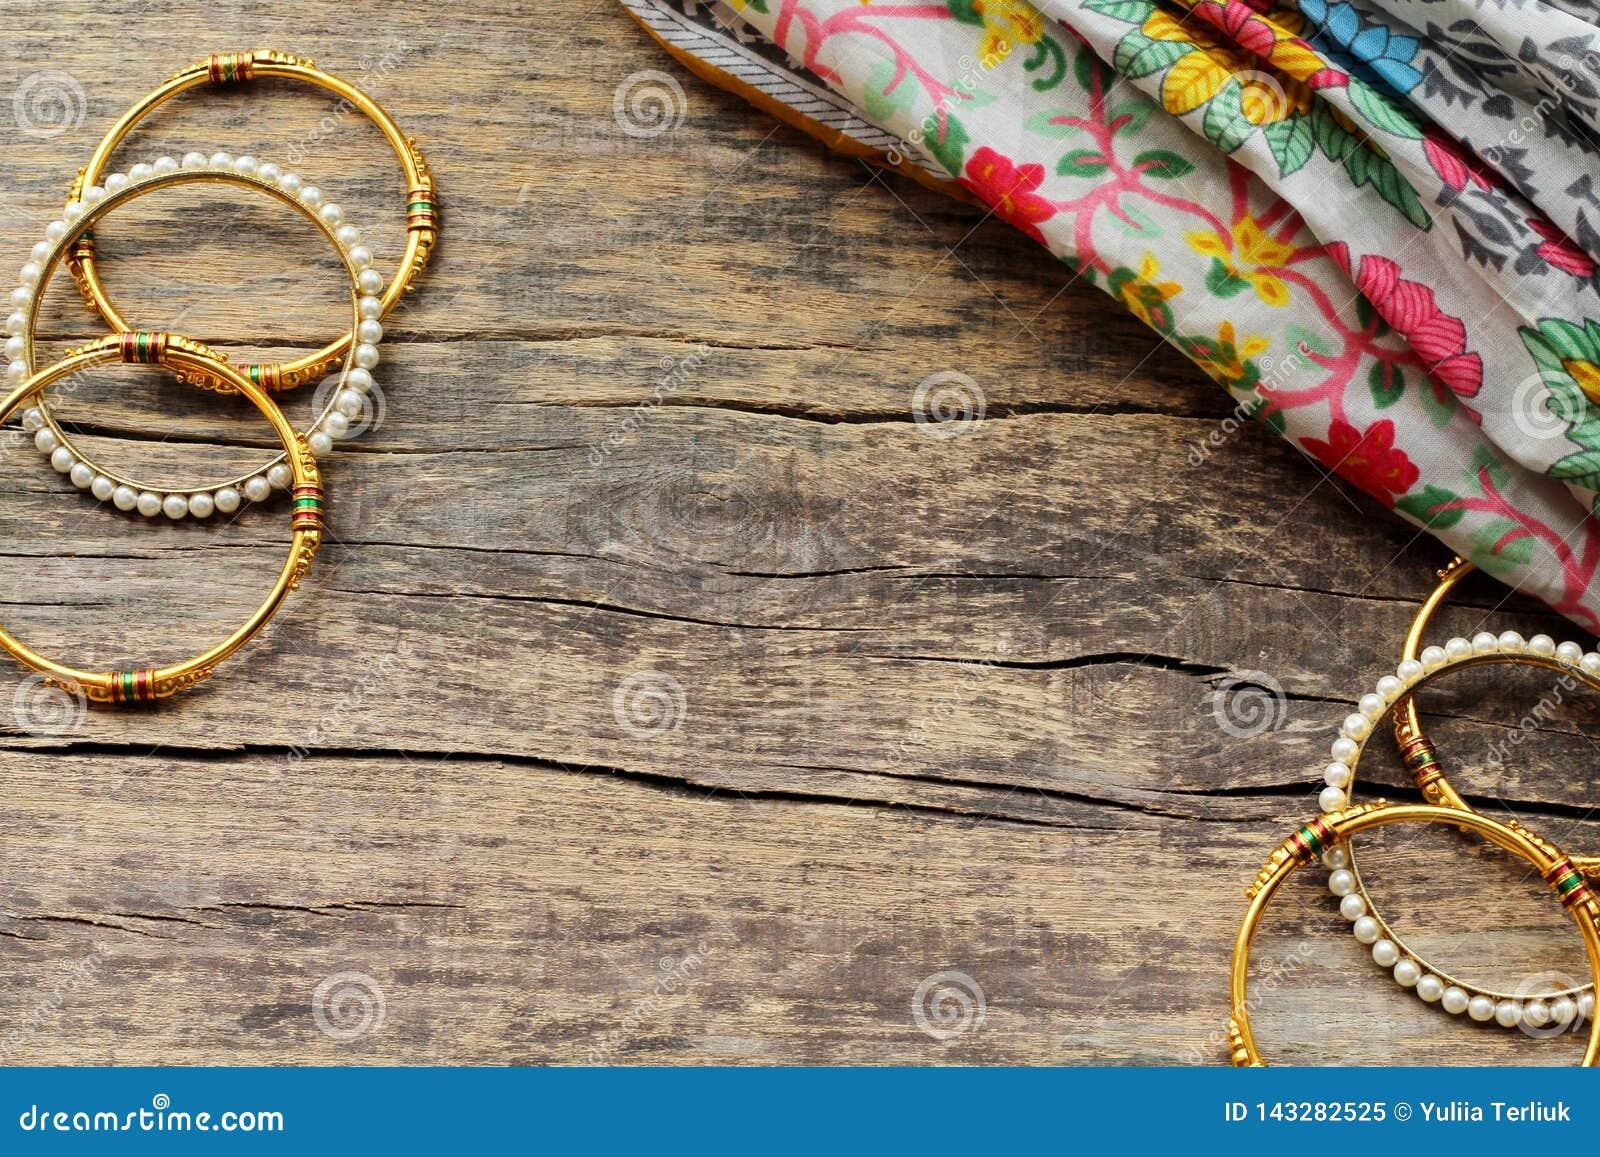 De Indische juwelenarmbanden en de bloemen etnische stof liggen op een houten achtergrond